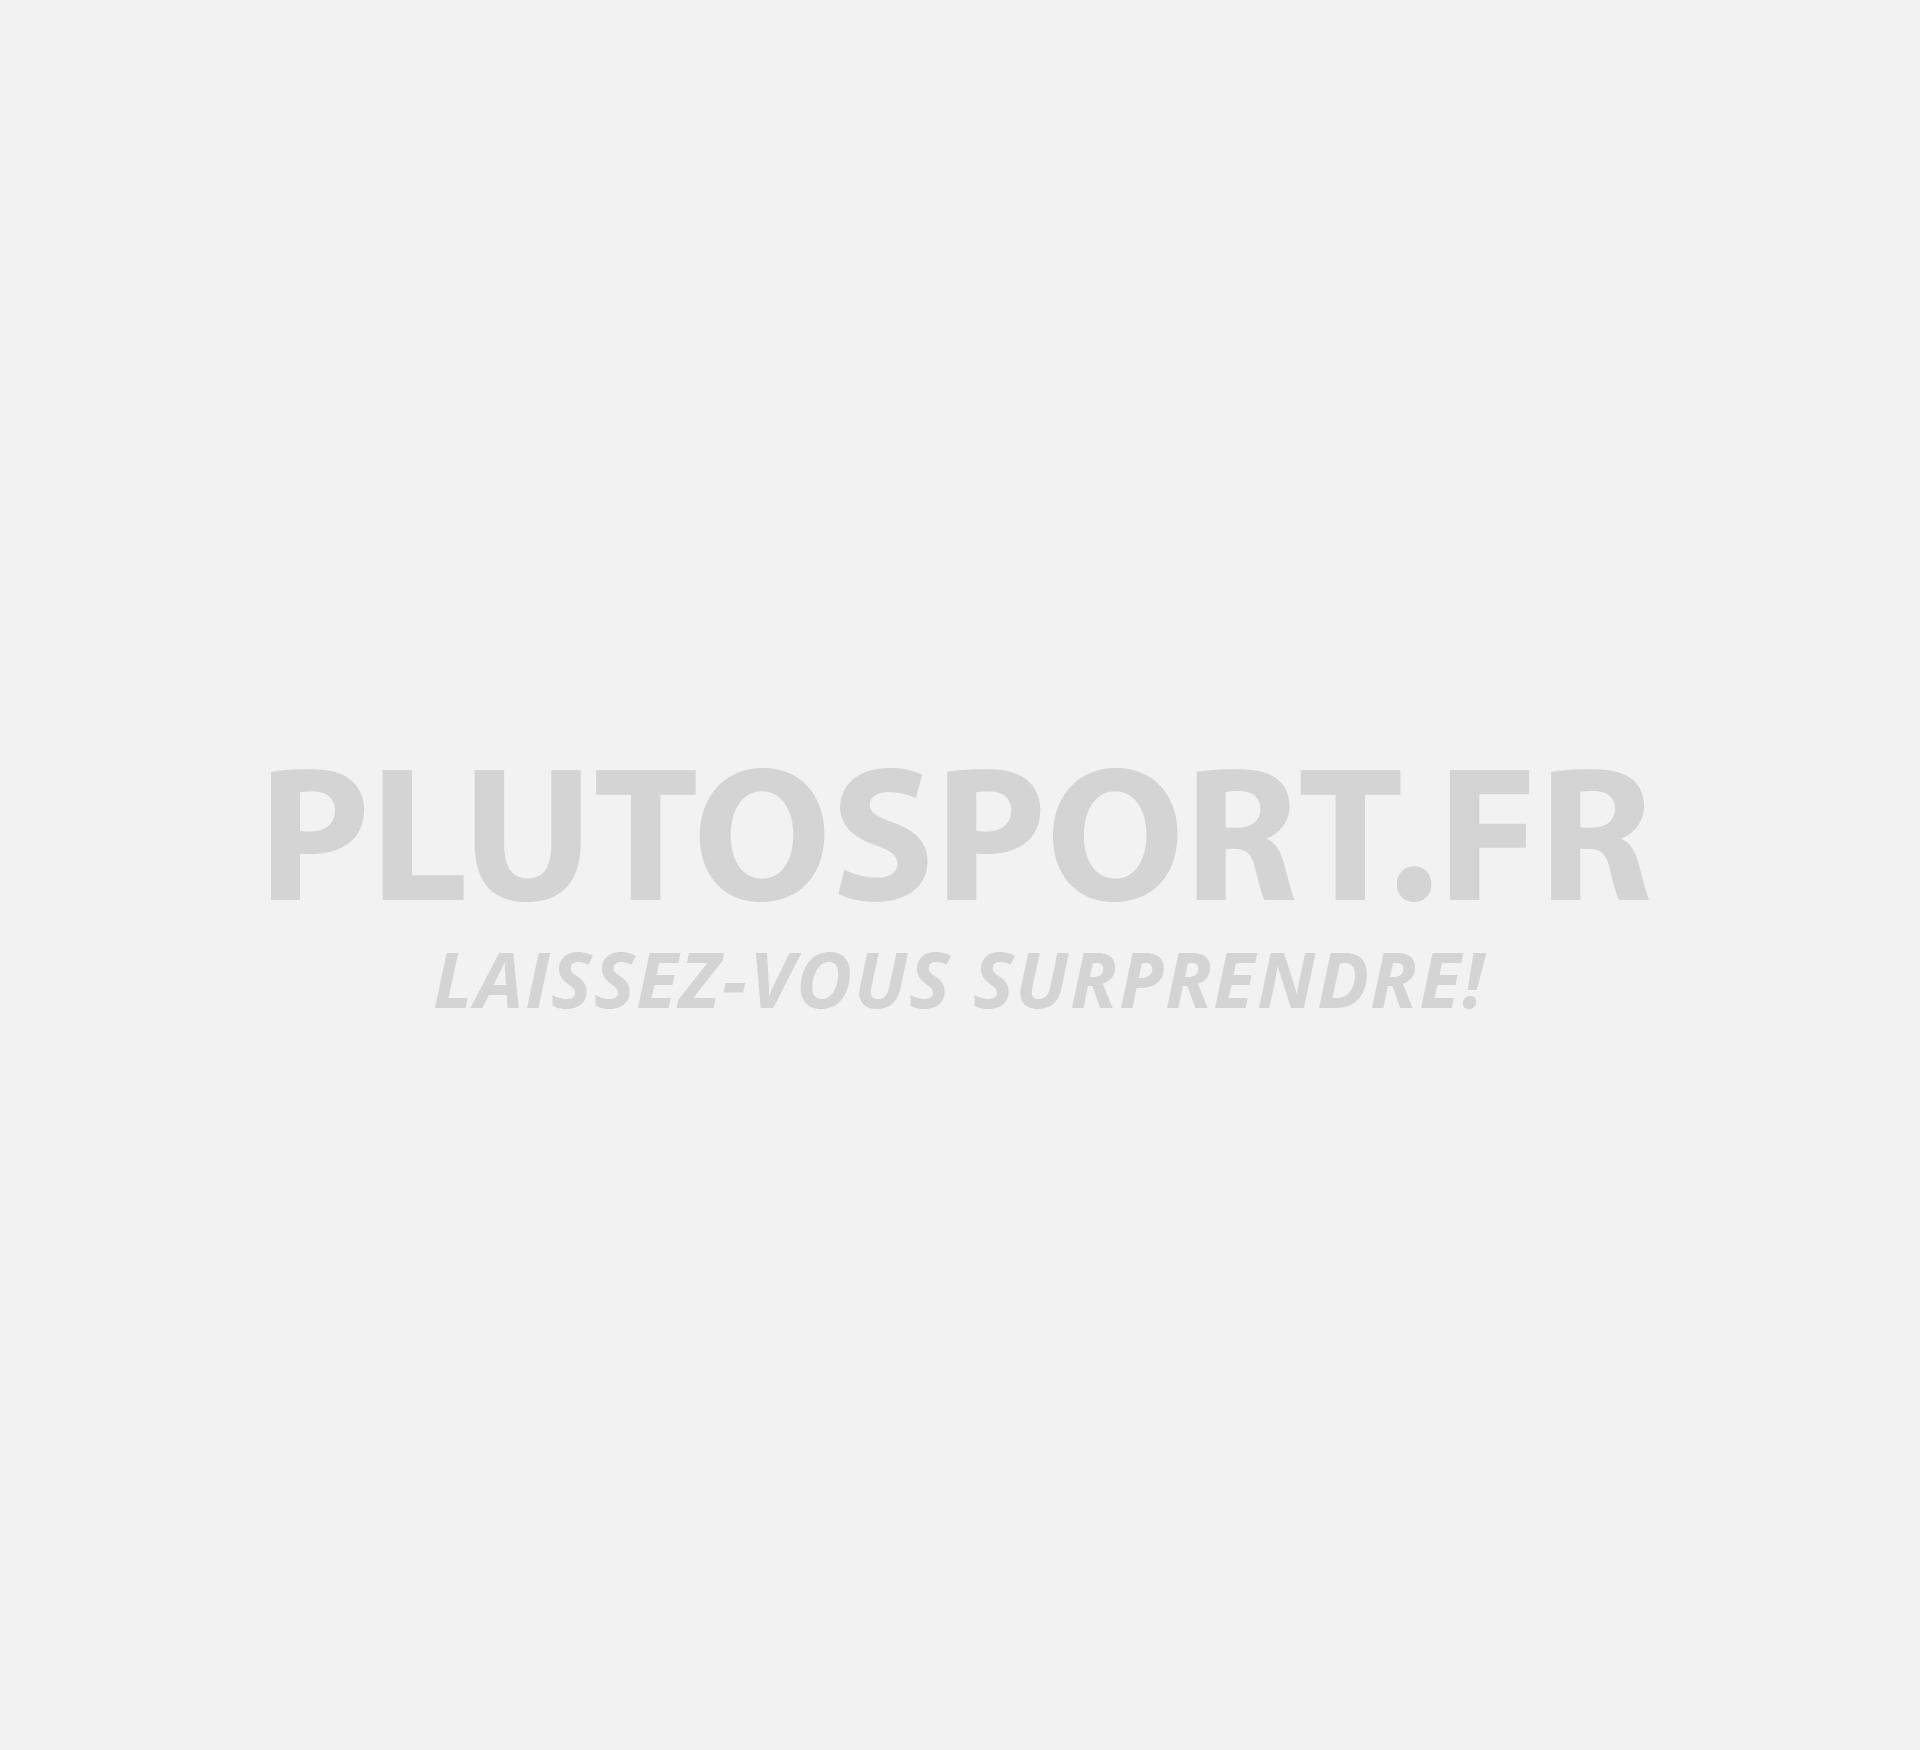 Le pantalon de trainig pour hommes Nike Dri-Fit MCFC Squad, Pantalon d'entrainement pour hommes